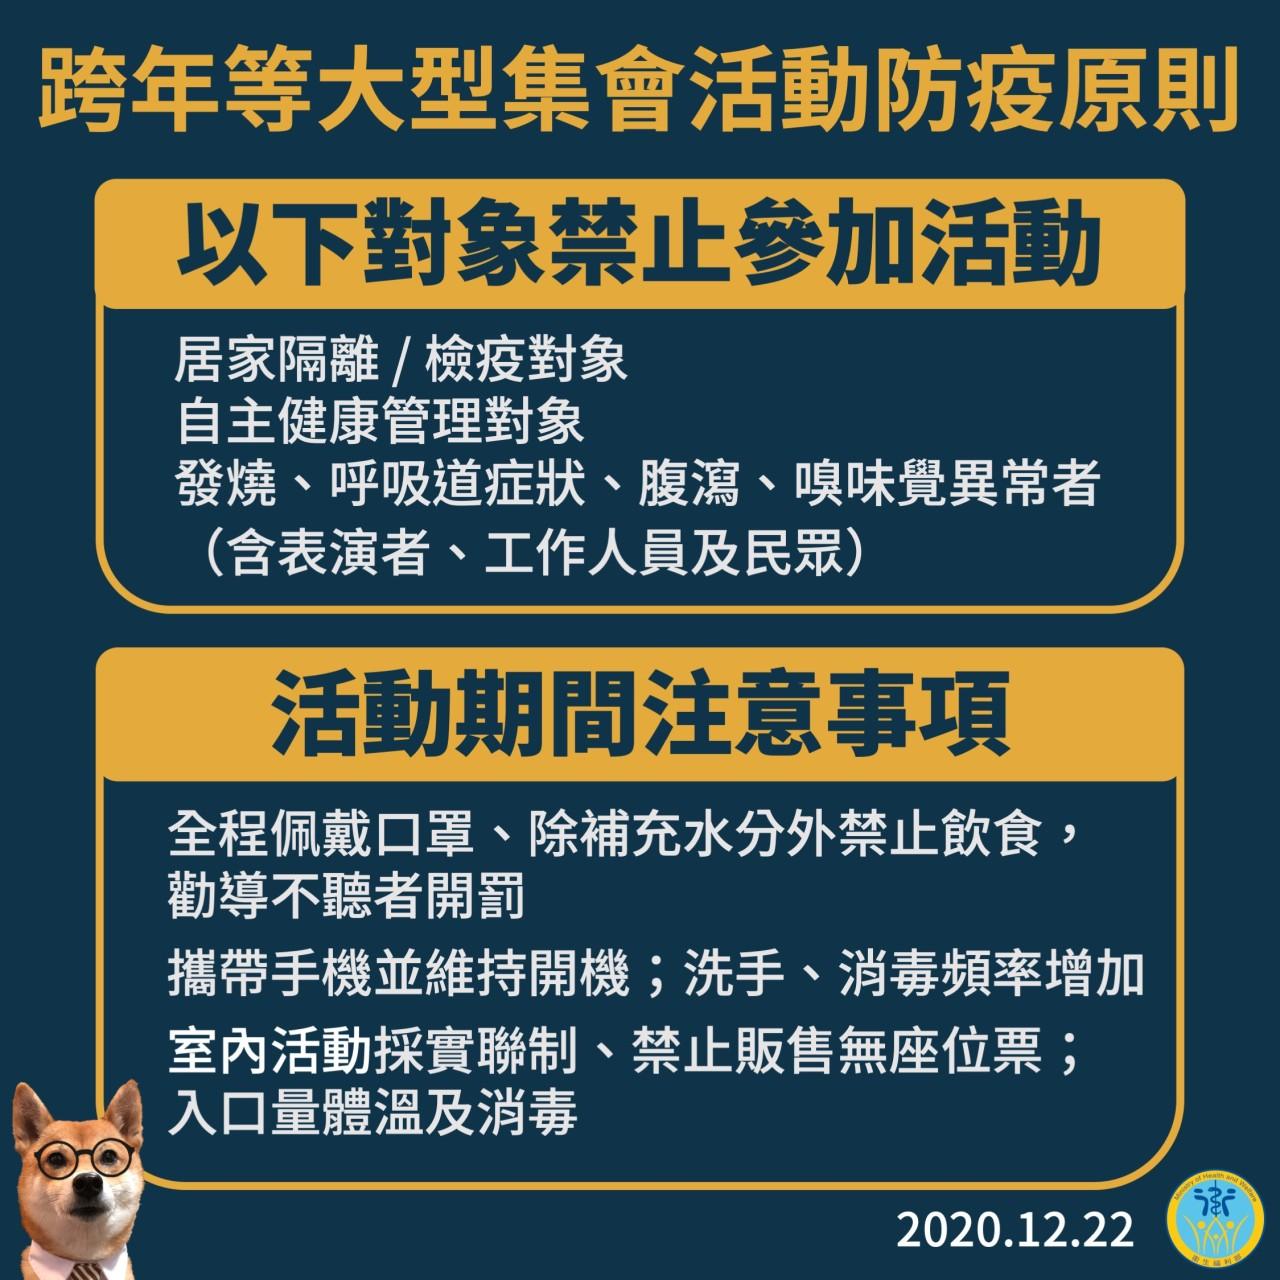 跨年等大型集會活動防疫原則(衛福部)